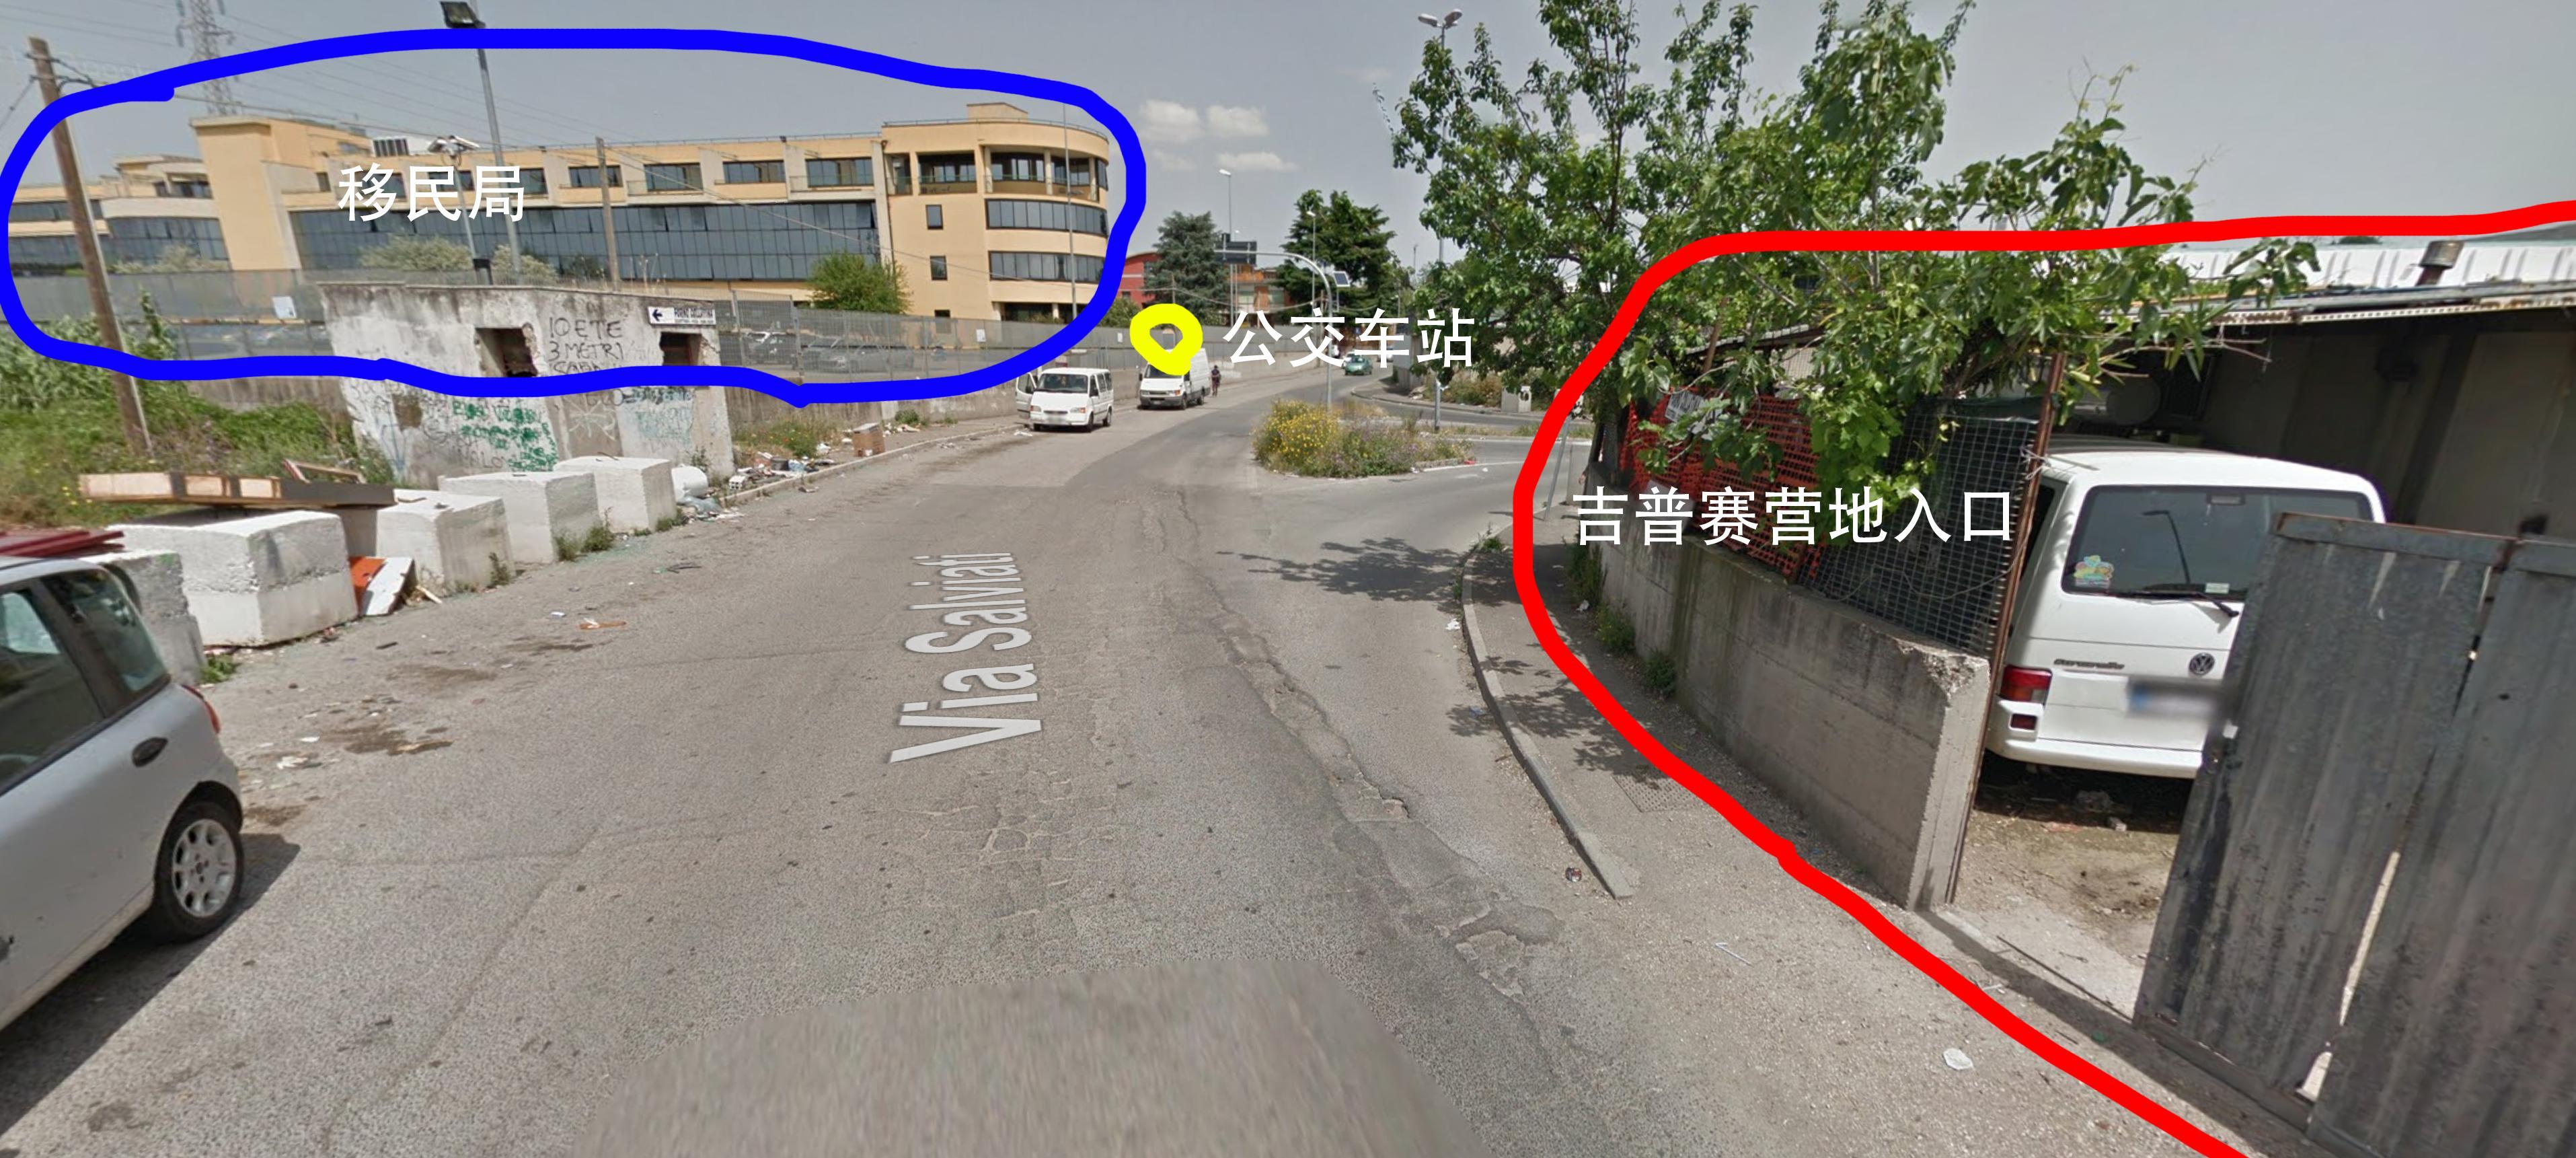 中国 罗马/移民局、公交车站和吉普赛营地:公交车站距离吉普赛营地最近的...